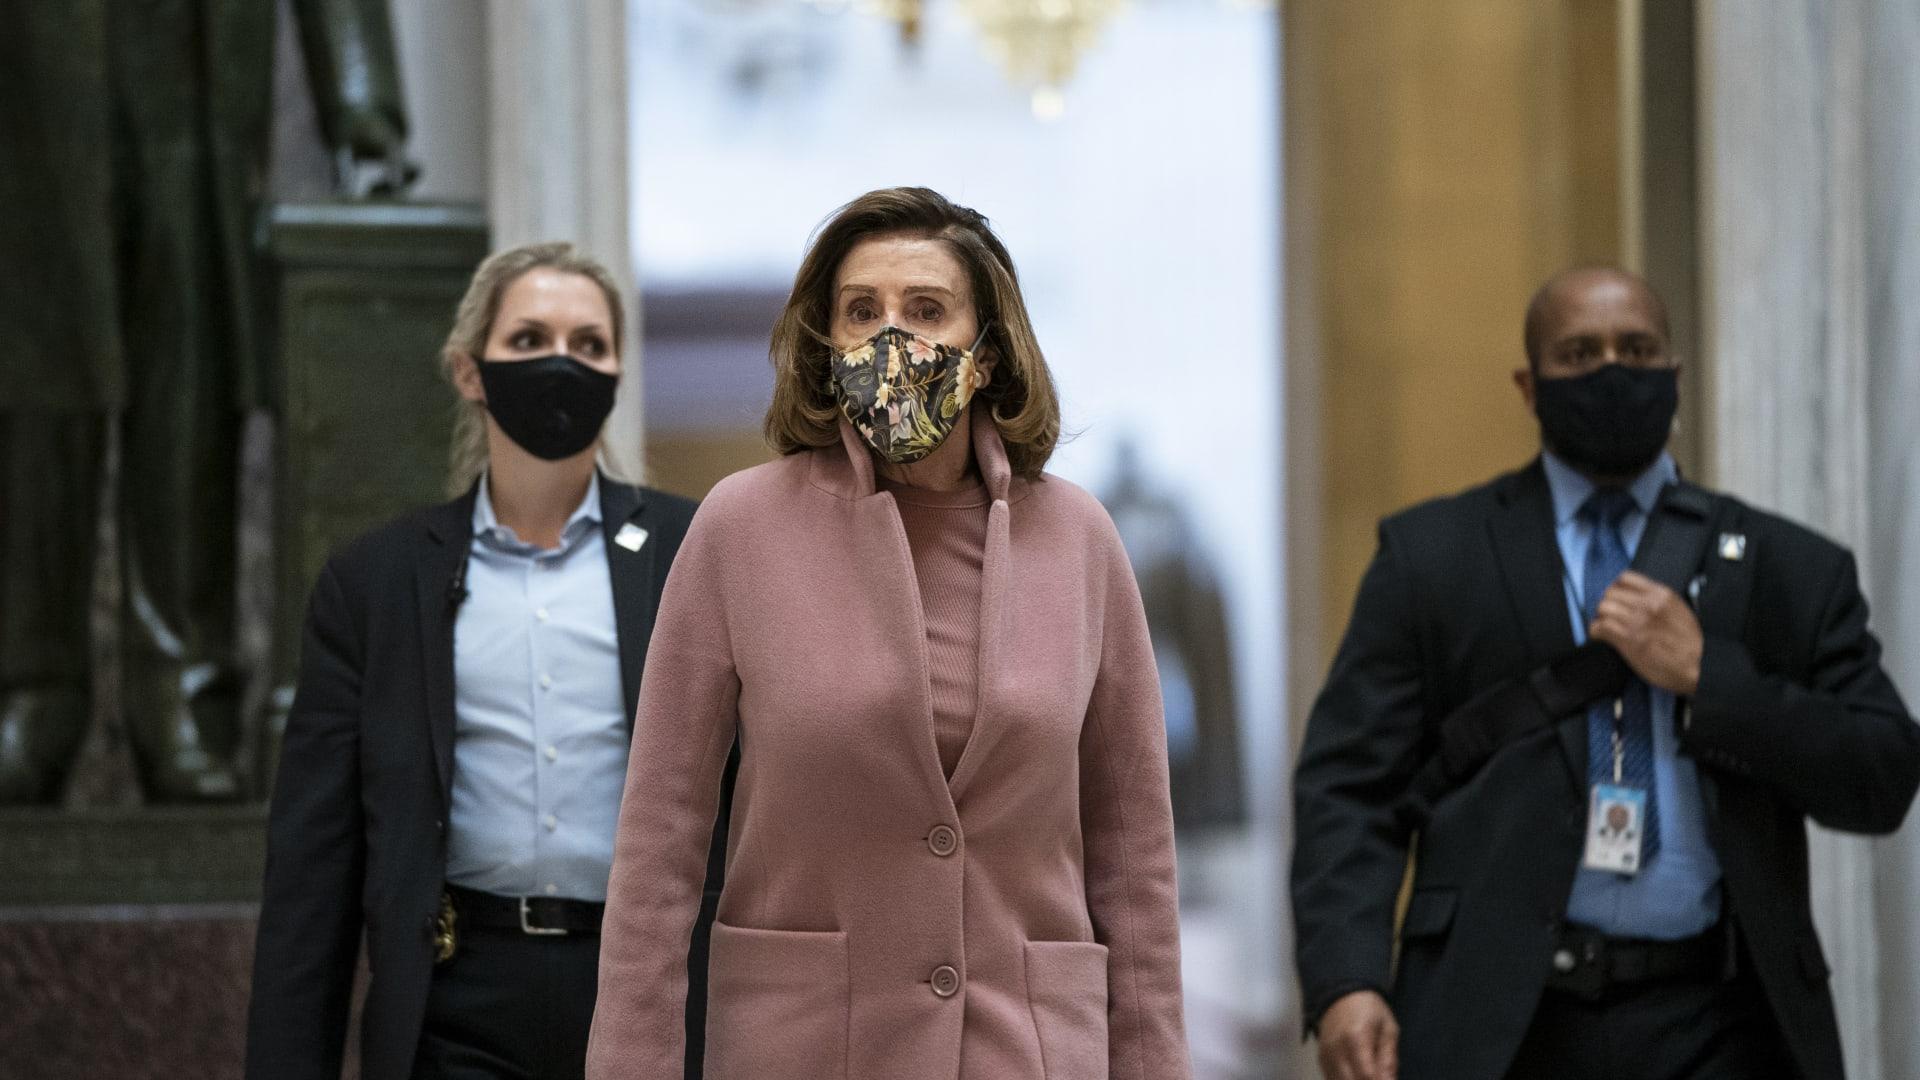 نانسي بيلوسي تشرح تفاصيل اقتحام الكونغرس: اختبئ البعض في مكتبي